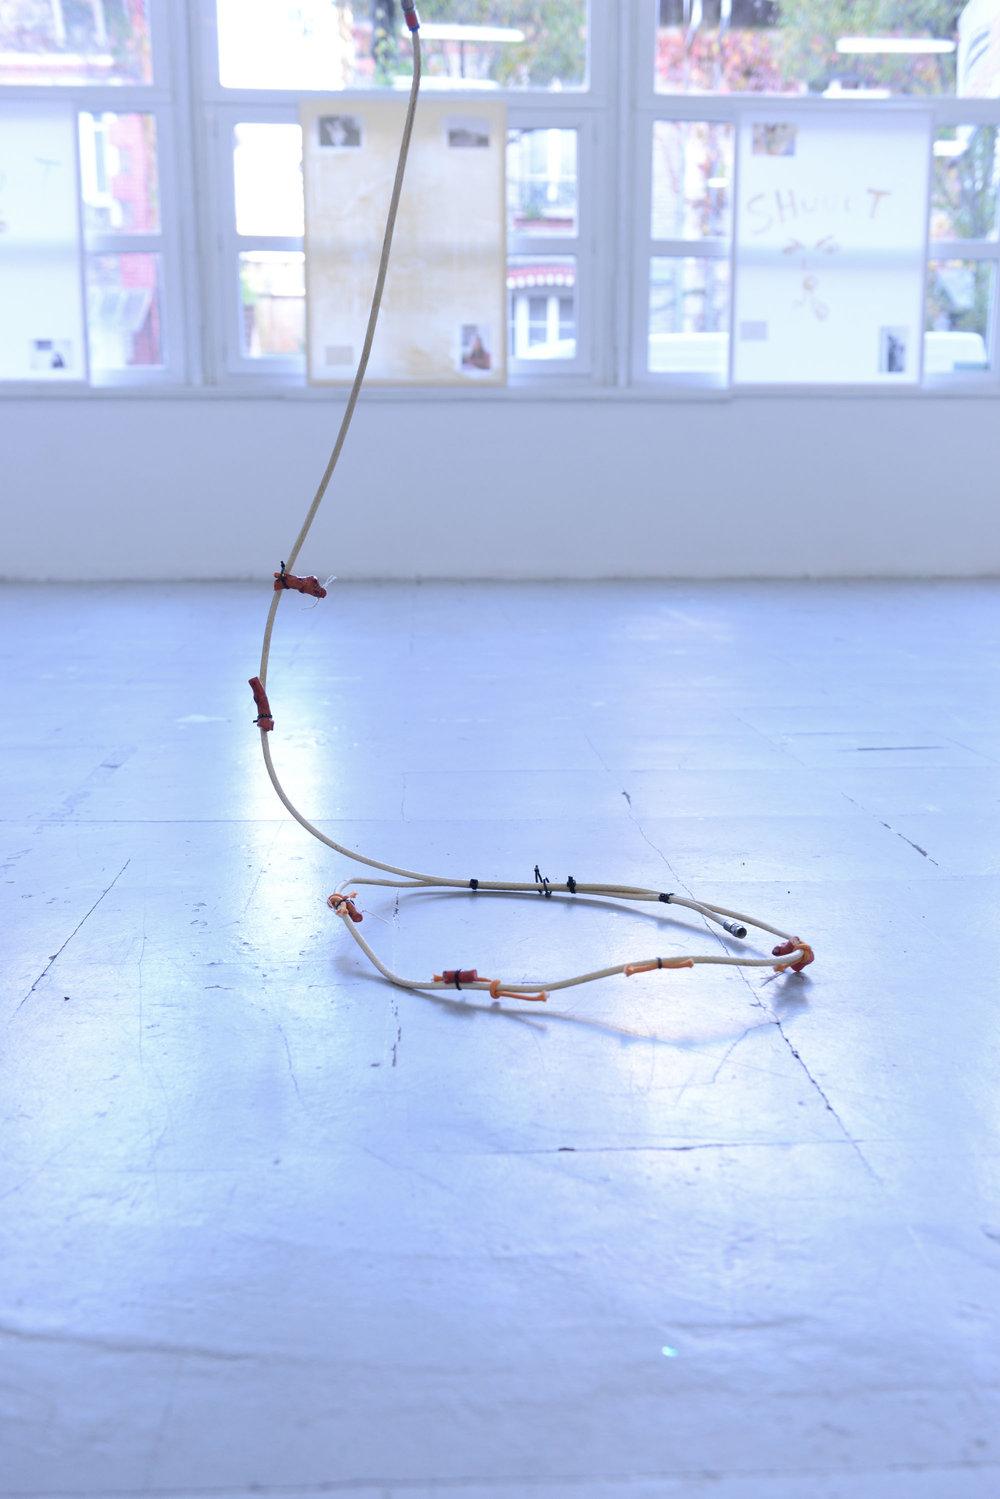 50_Quart d'heure américain - heiwata - Mains d'Oeuvres - Exhibition views.jpg